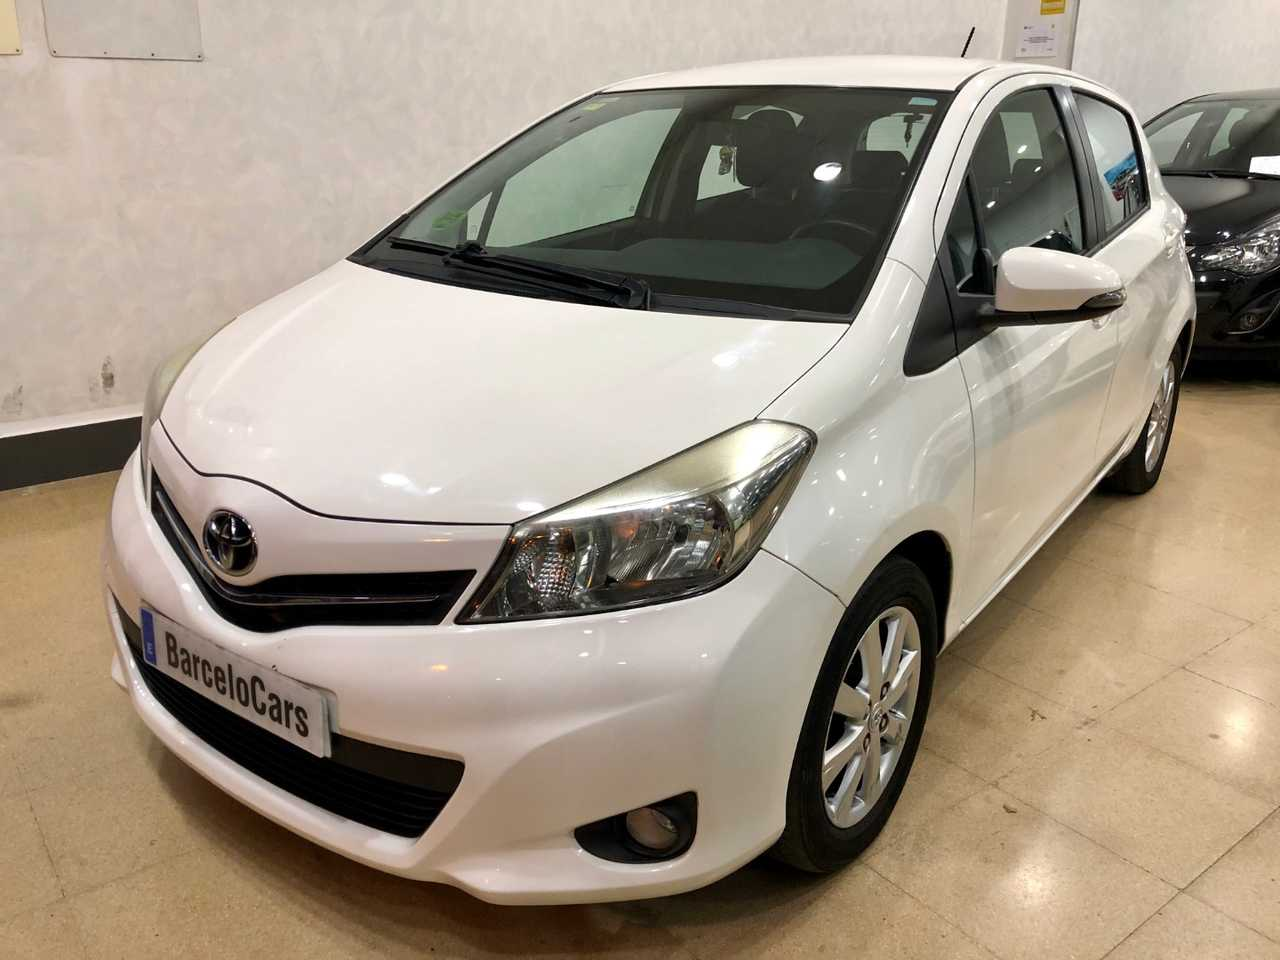 Toyota Yaris Active 1.0 70CV 5 Puertas   - Foto 1